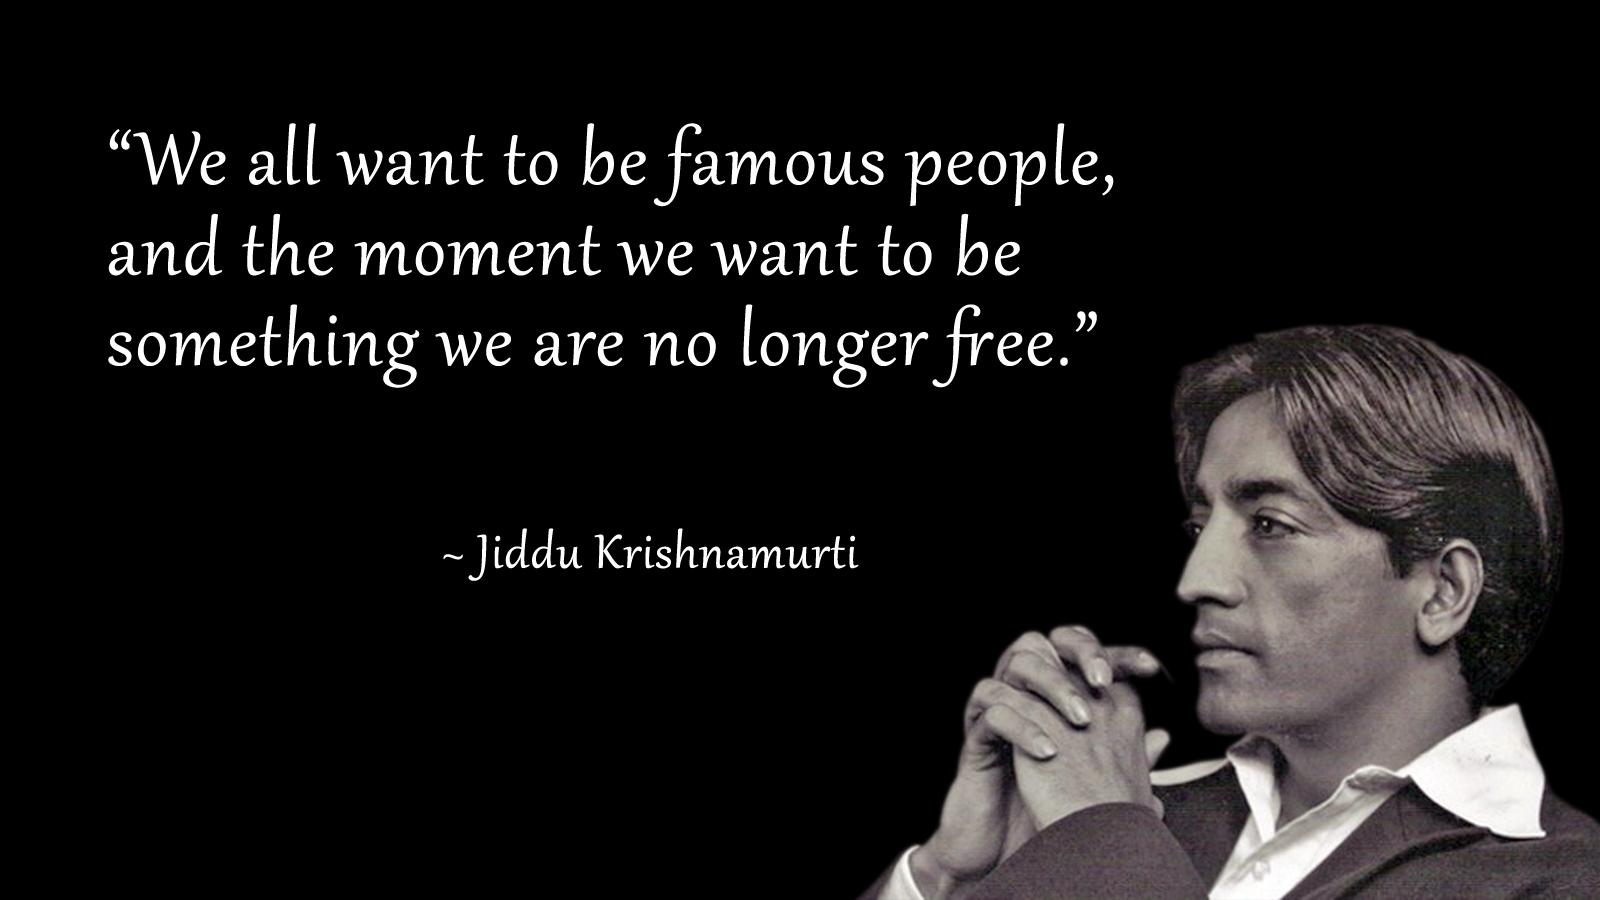 'la verdad no se puede organizar sin invalidarla' Jiddu Krisnamurti